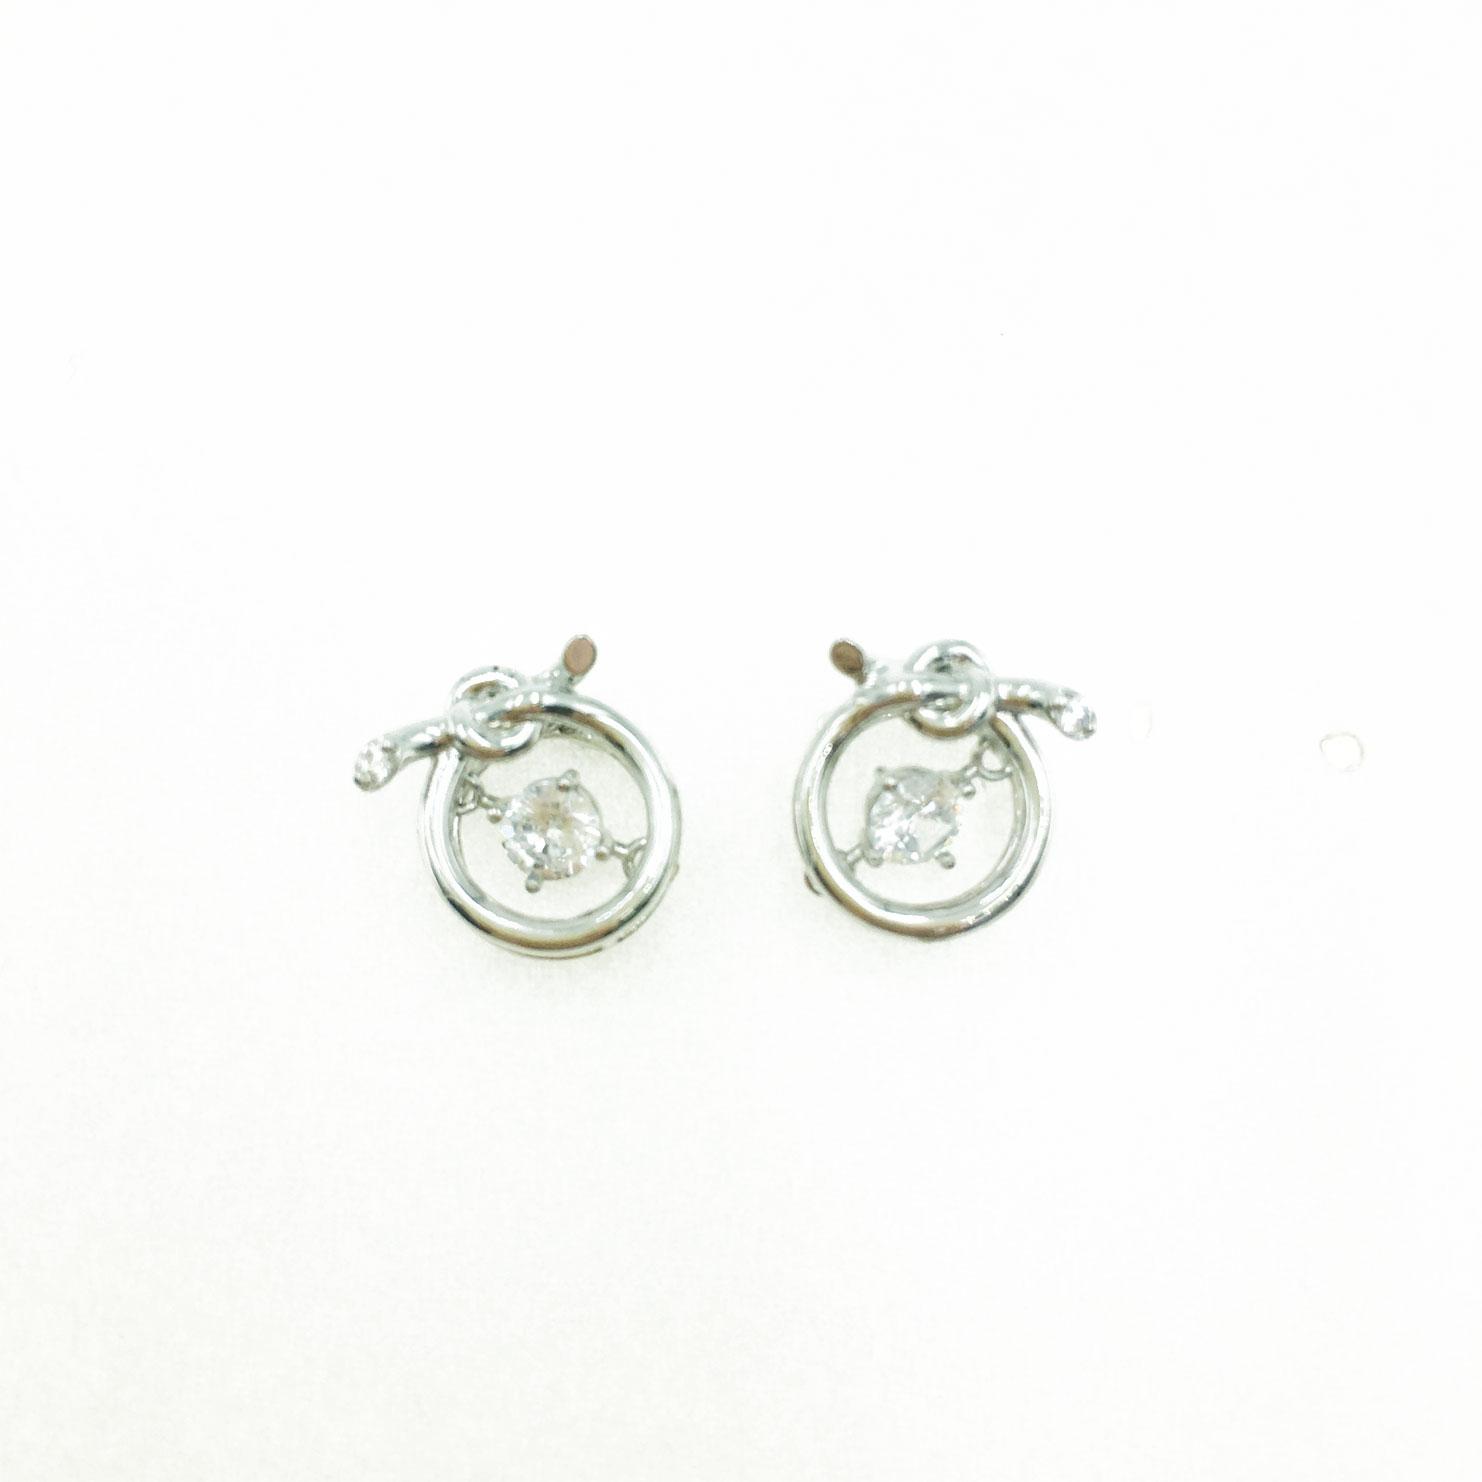 韓國 925純銀 圓 造型結 水鑽 銀色 明星款飾品 耳針式耳環